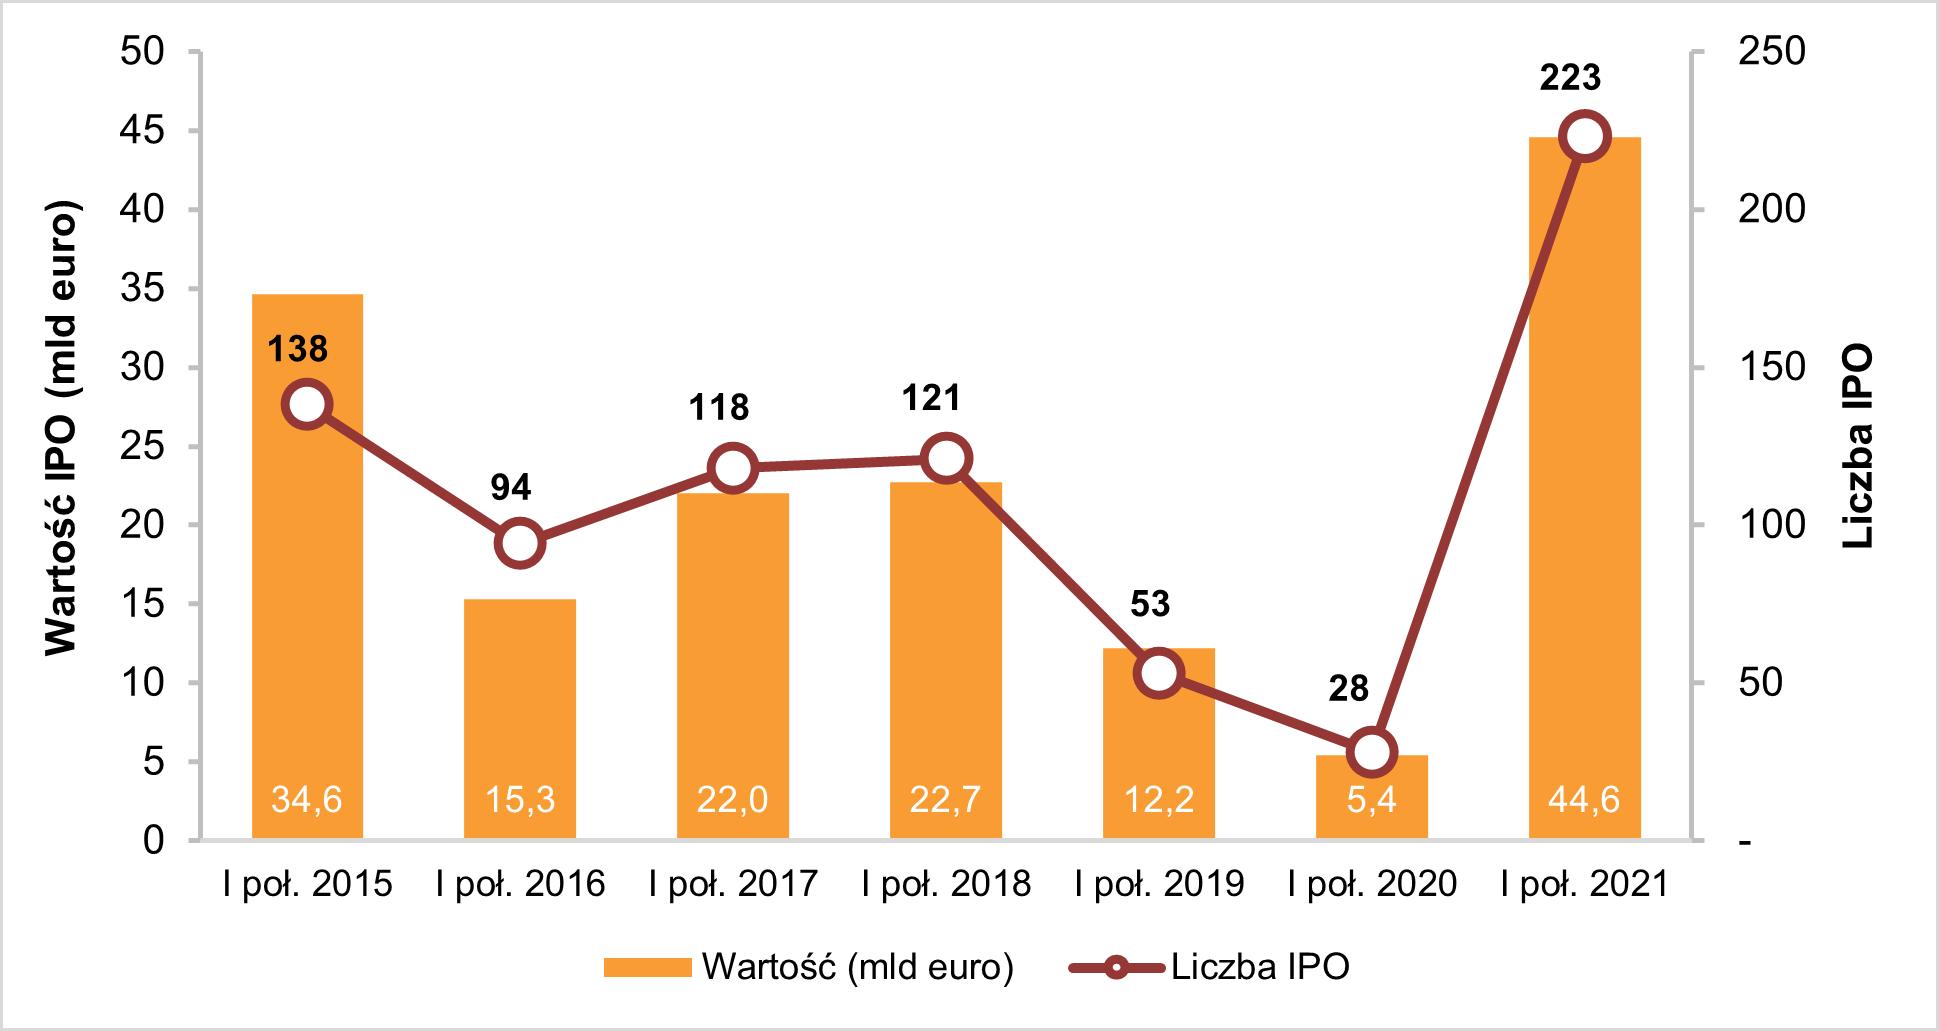 Aktywność na europejskim rynku IPO w I połowie roku od 2015